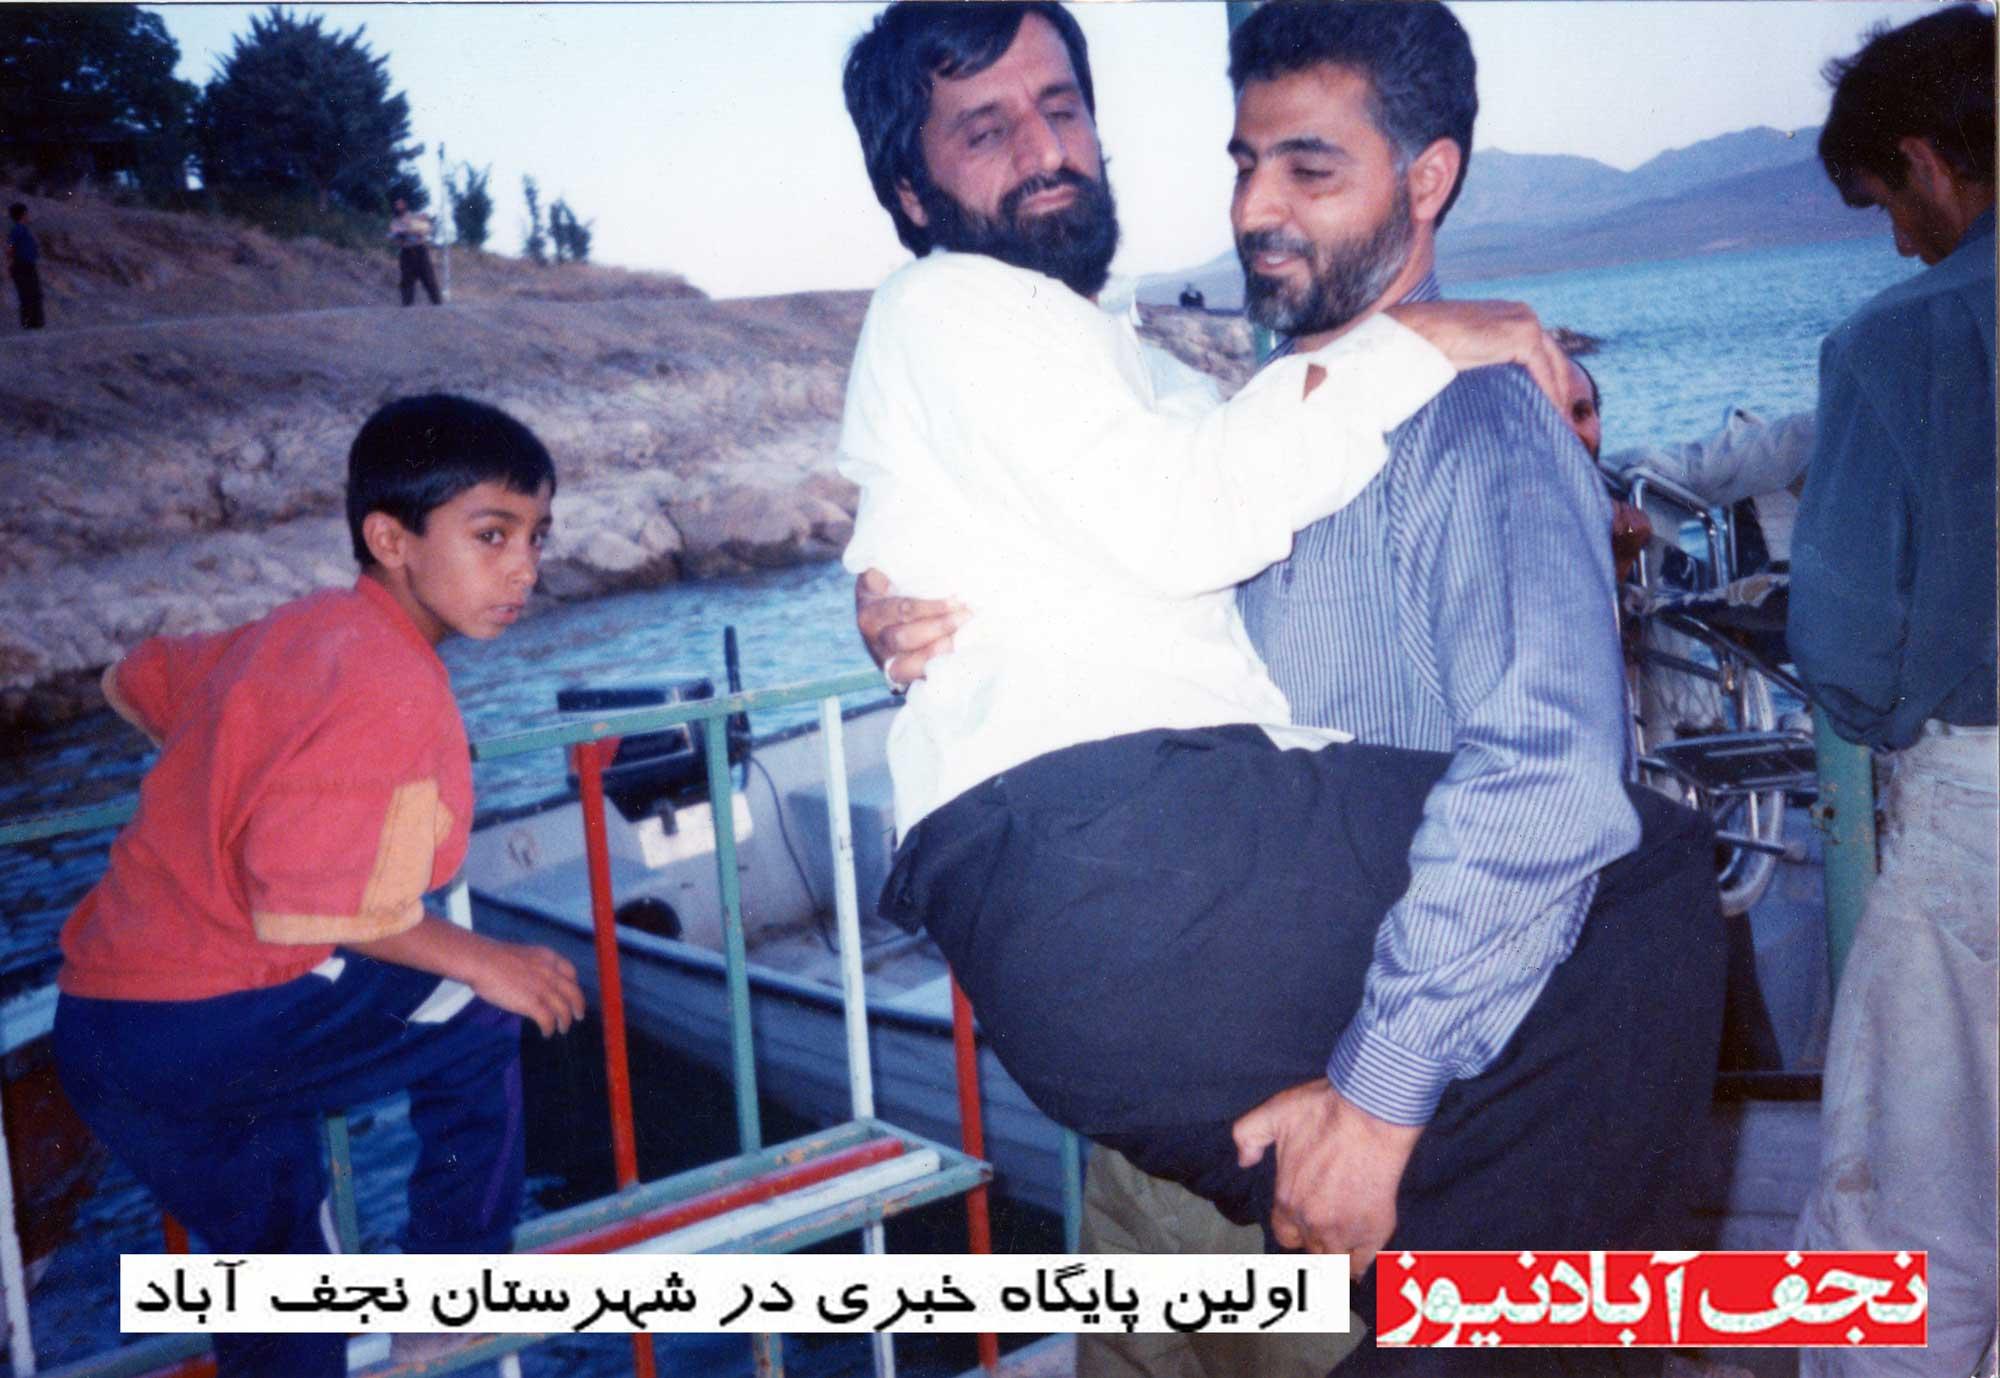 انتقام خون شهید حججی+ فیلم